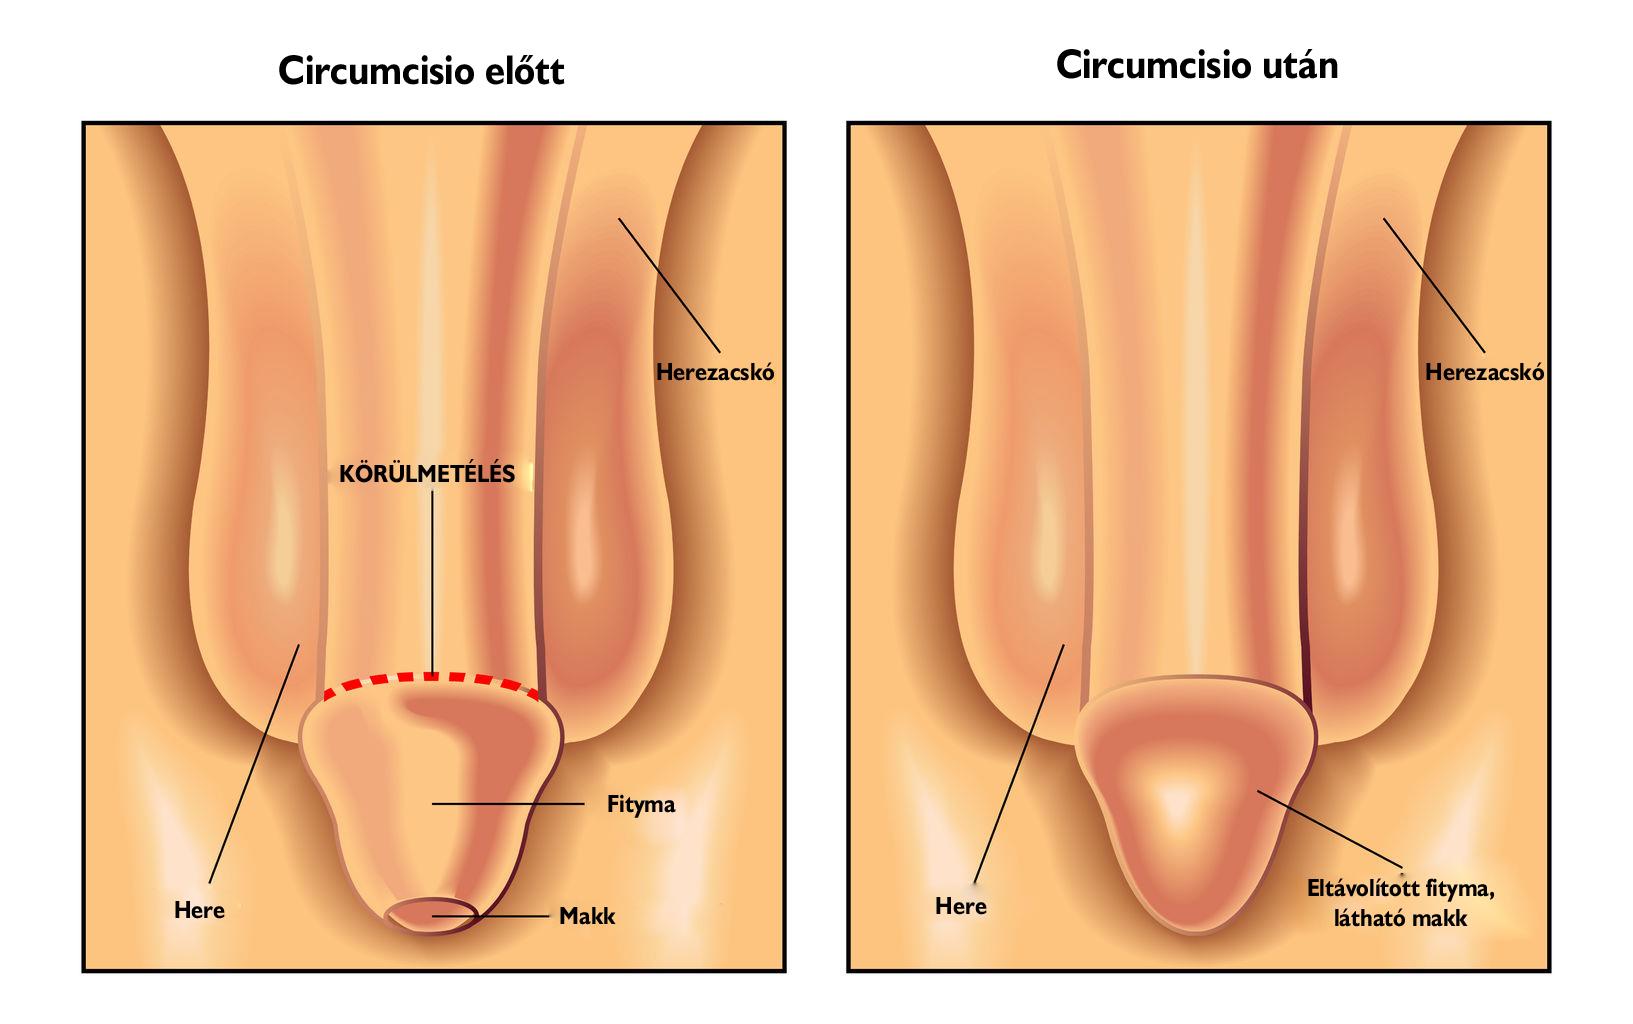 férfi pénisz fejlődése